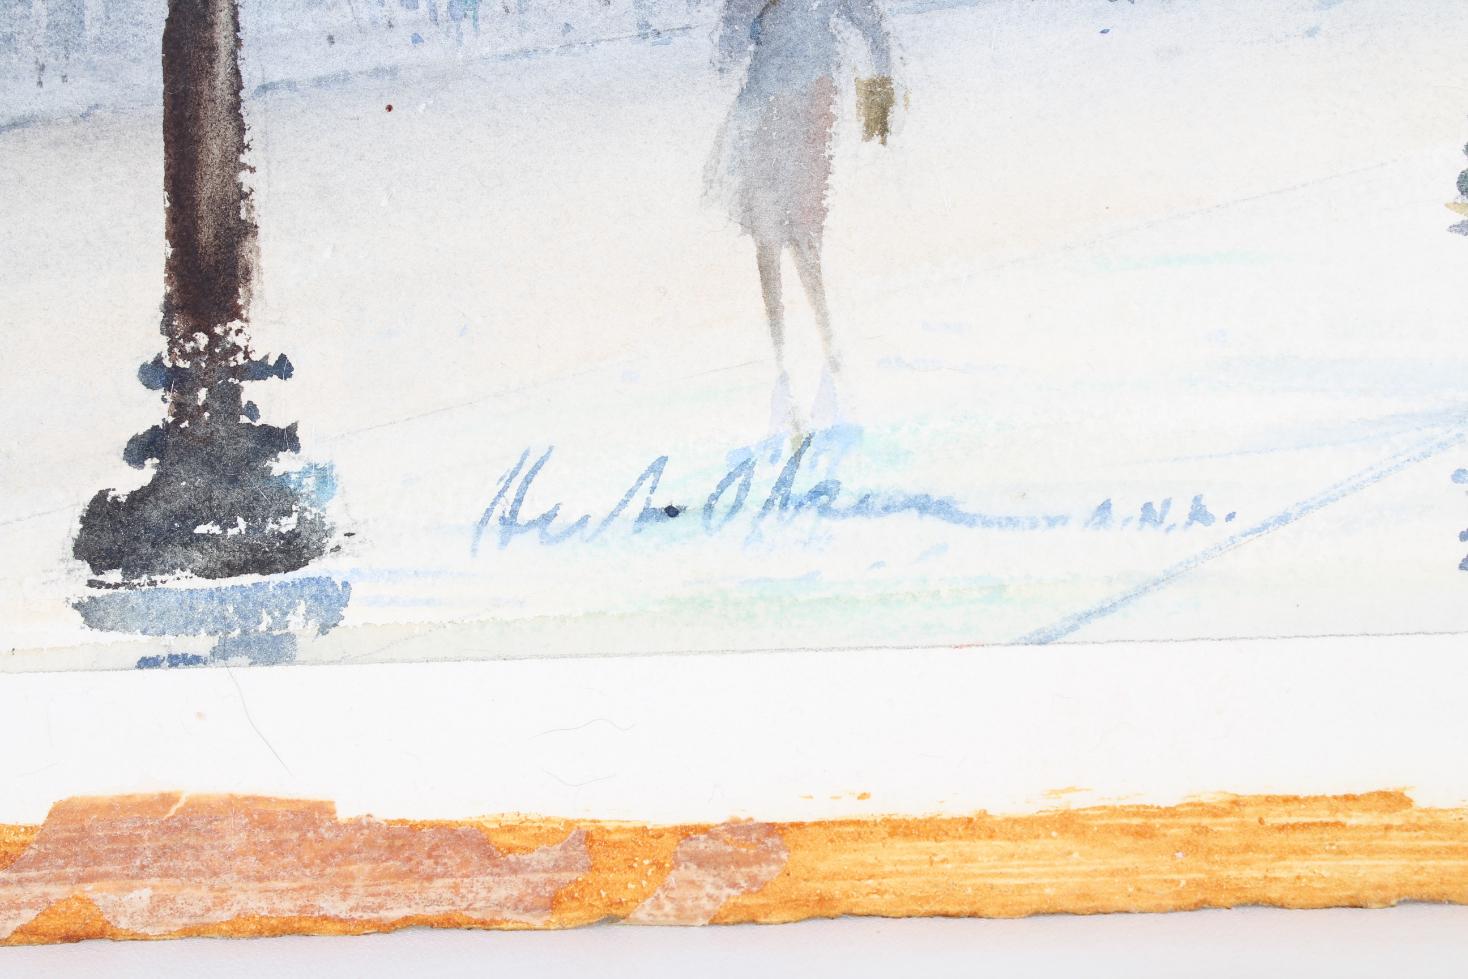 Herbert Olsen (1905-1973) Art Institute of Chicago - Image 4 of 4